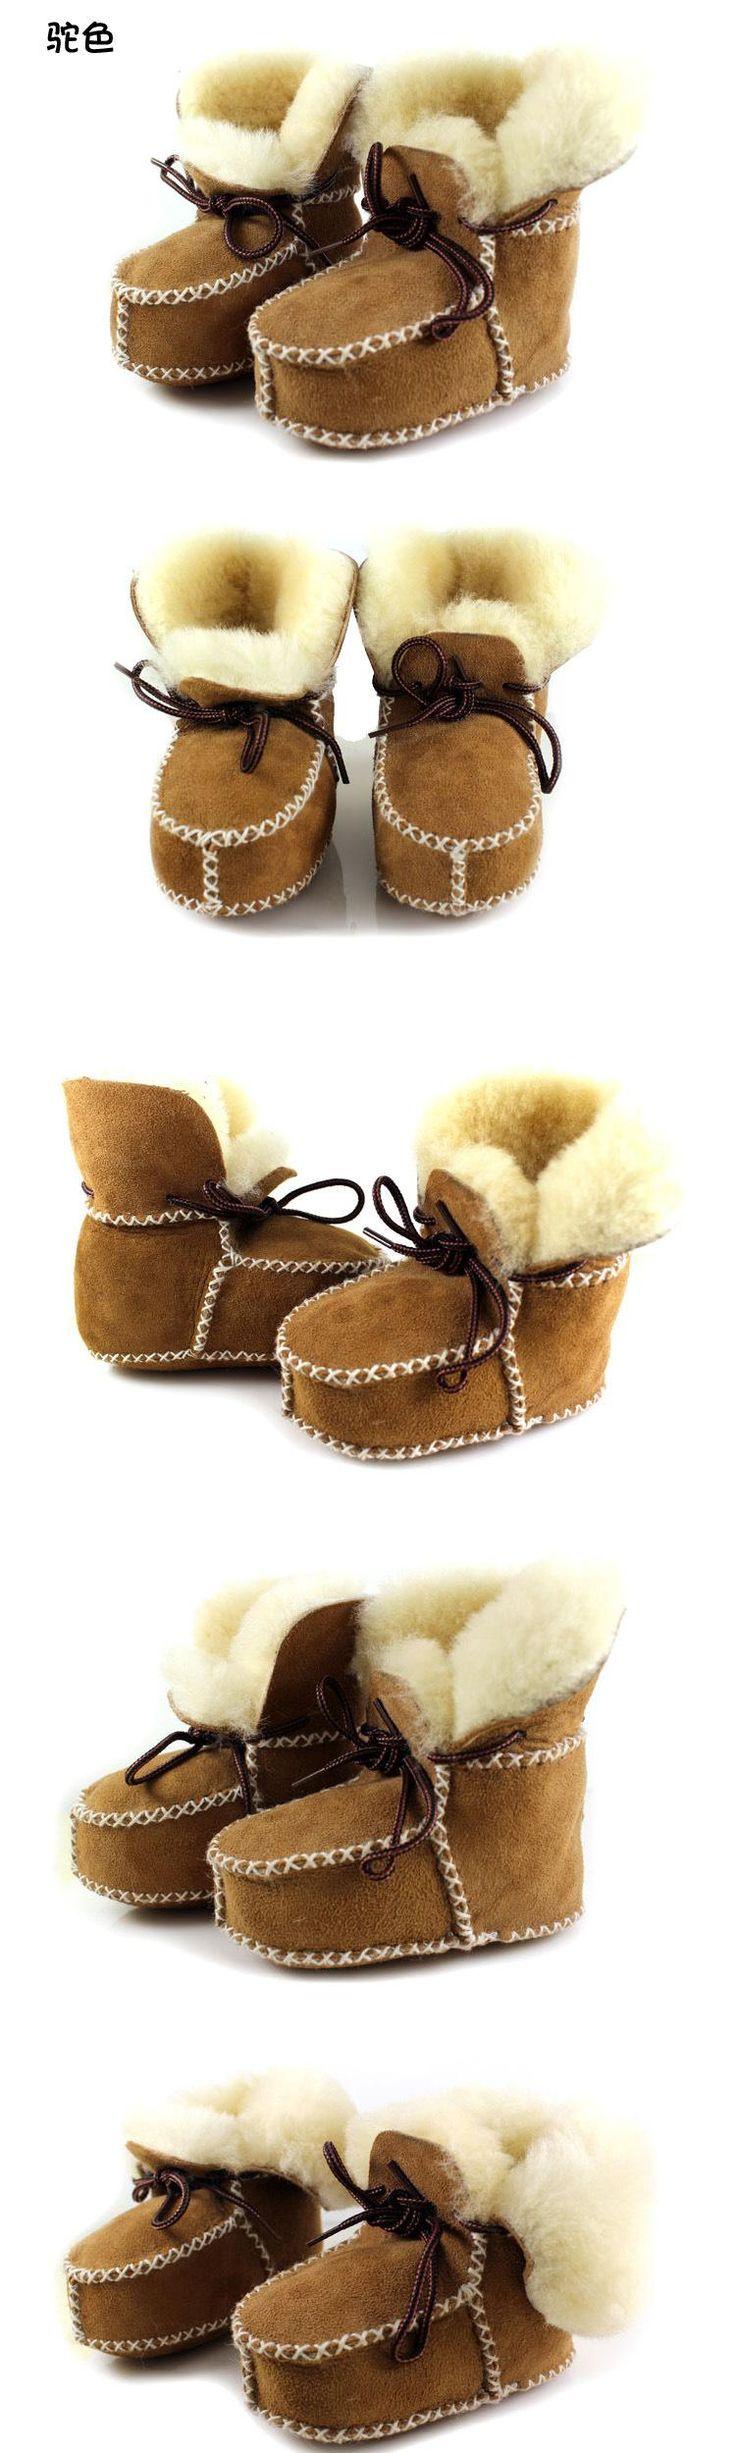 Ru зима шерсть малыша обувь младенцы мягкий нижний снегоступы кожа шитьё девочка мальчиккупить в магазине Dongguan Babytree Garment Co.,LtdнаAliExpress